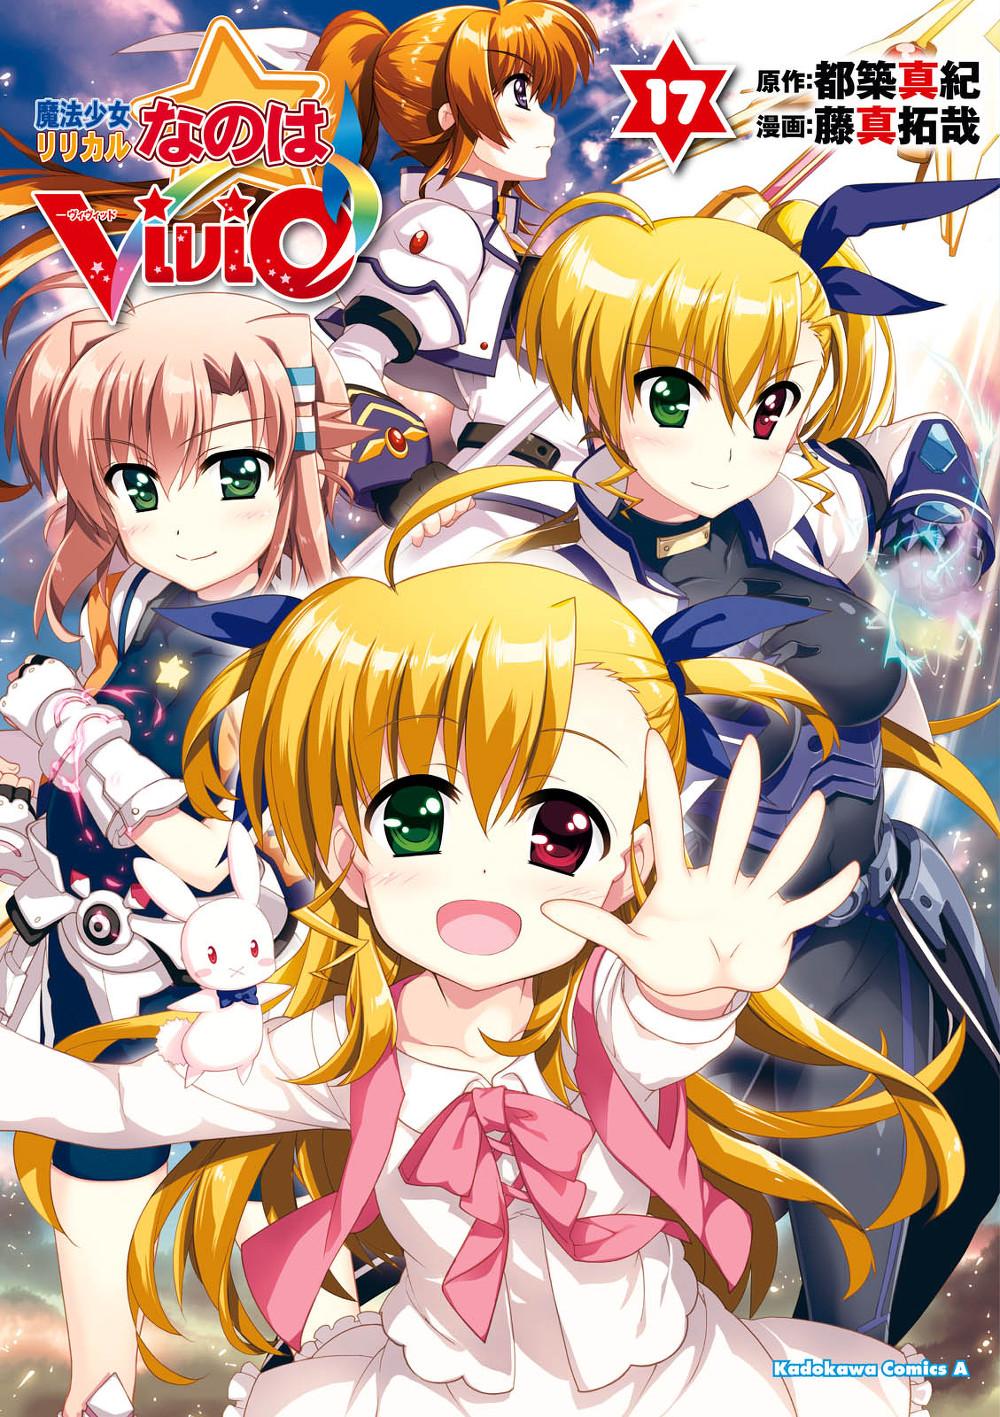 마법소녀 리리컬 나노하 ViVid 第17巻 (魔法少女リリカルなのはVivid 第17巻